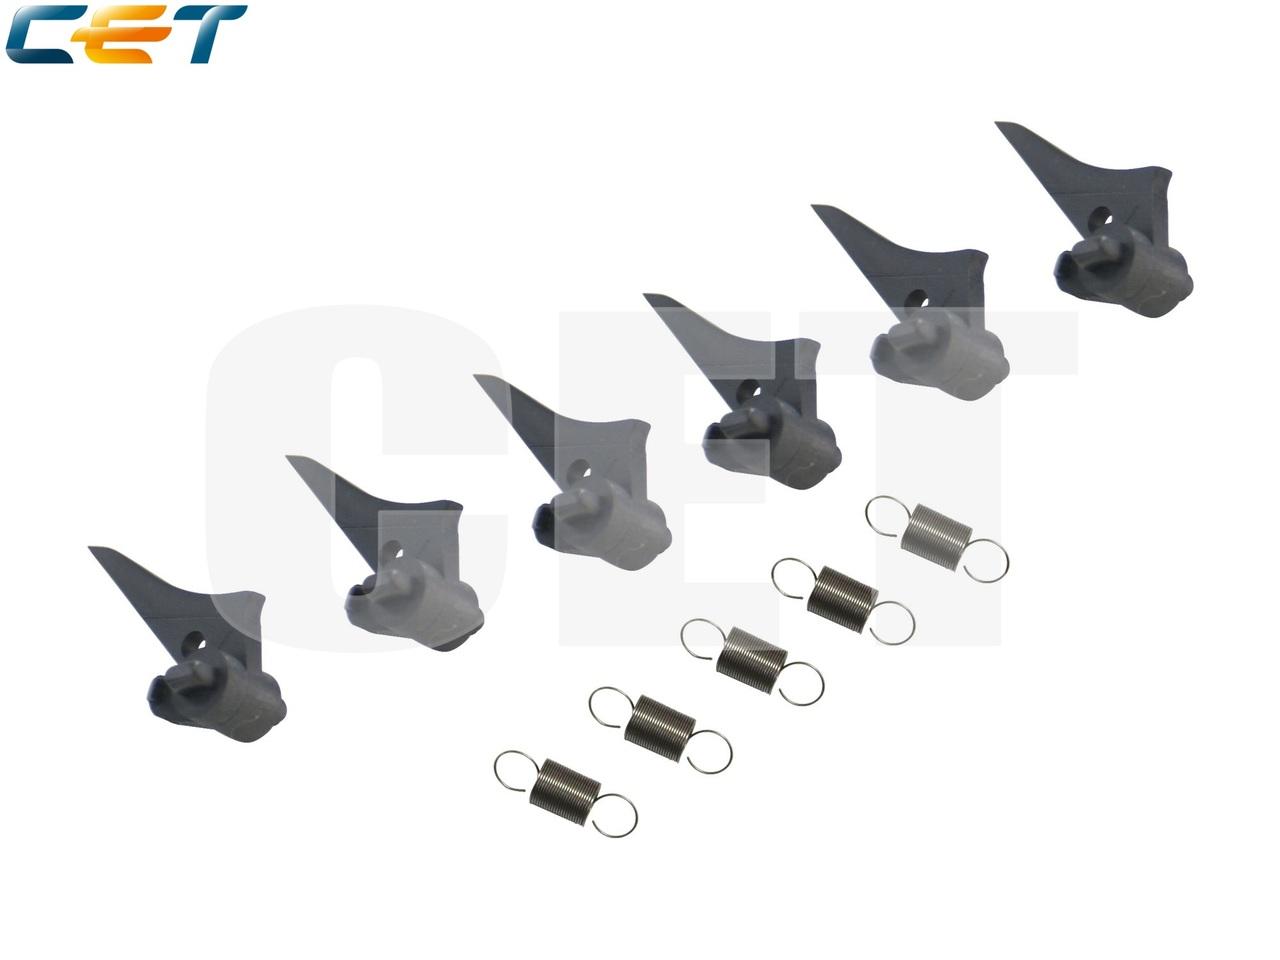 Сепаратор тефлонового вала с пружиной 6LA84095000 дляTOSHIBA E-Studio 230/280s (CET), CET7408